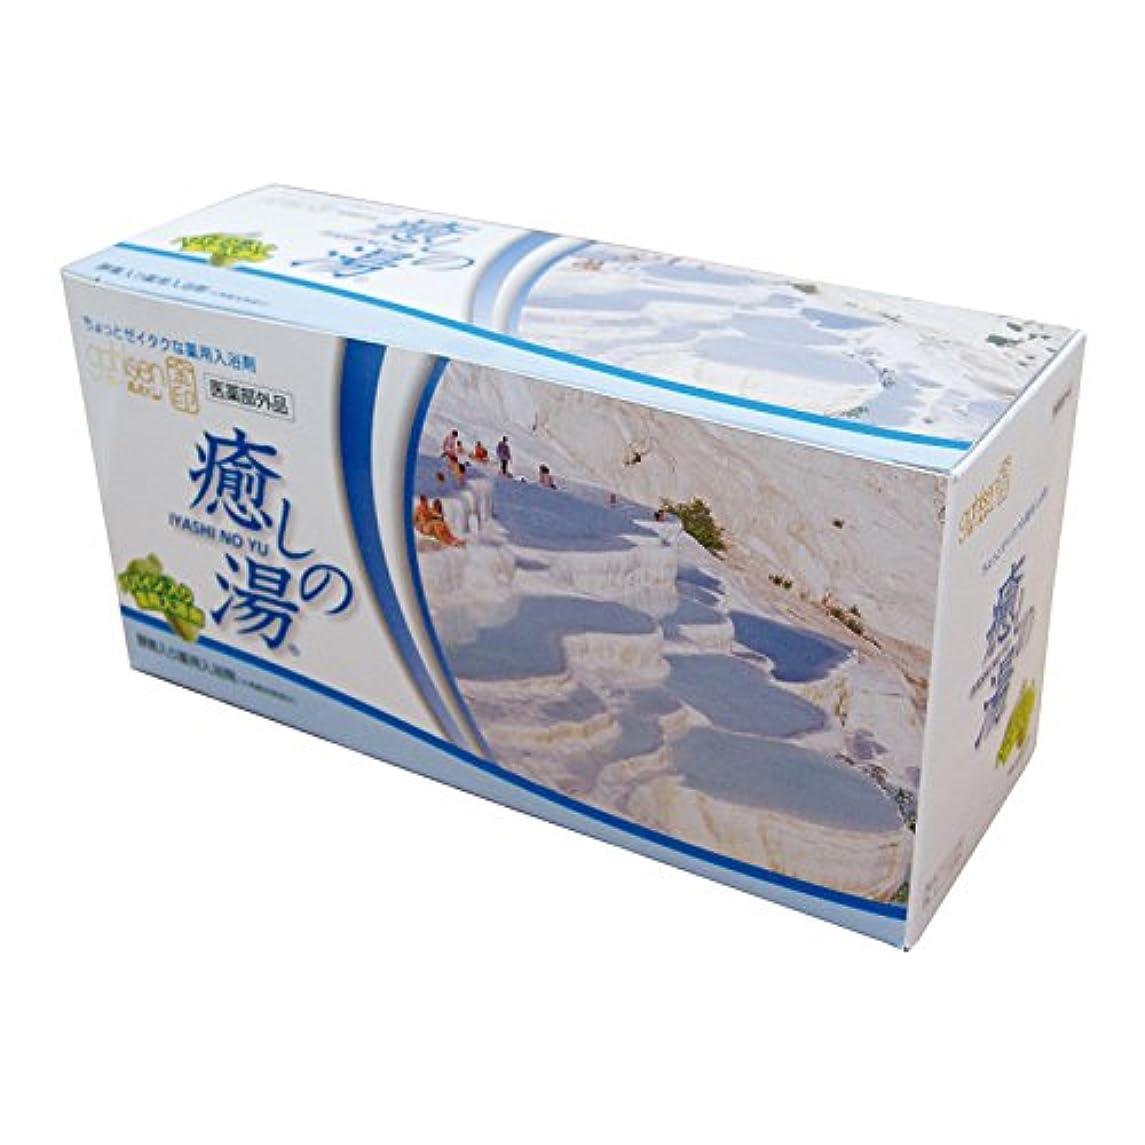 傾向がある伝染病懺悔Bath Terminal 【入浴剤】ガールセン 癒しの湯 金印 30包入【日本生化学正規代理店】